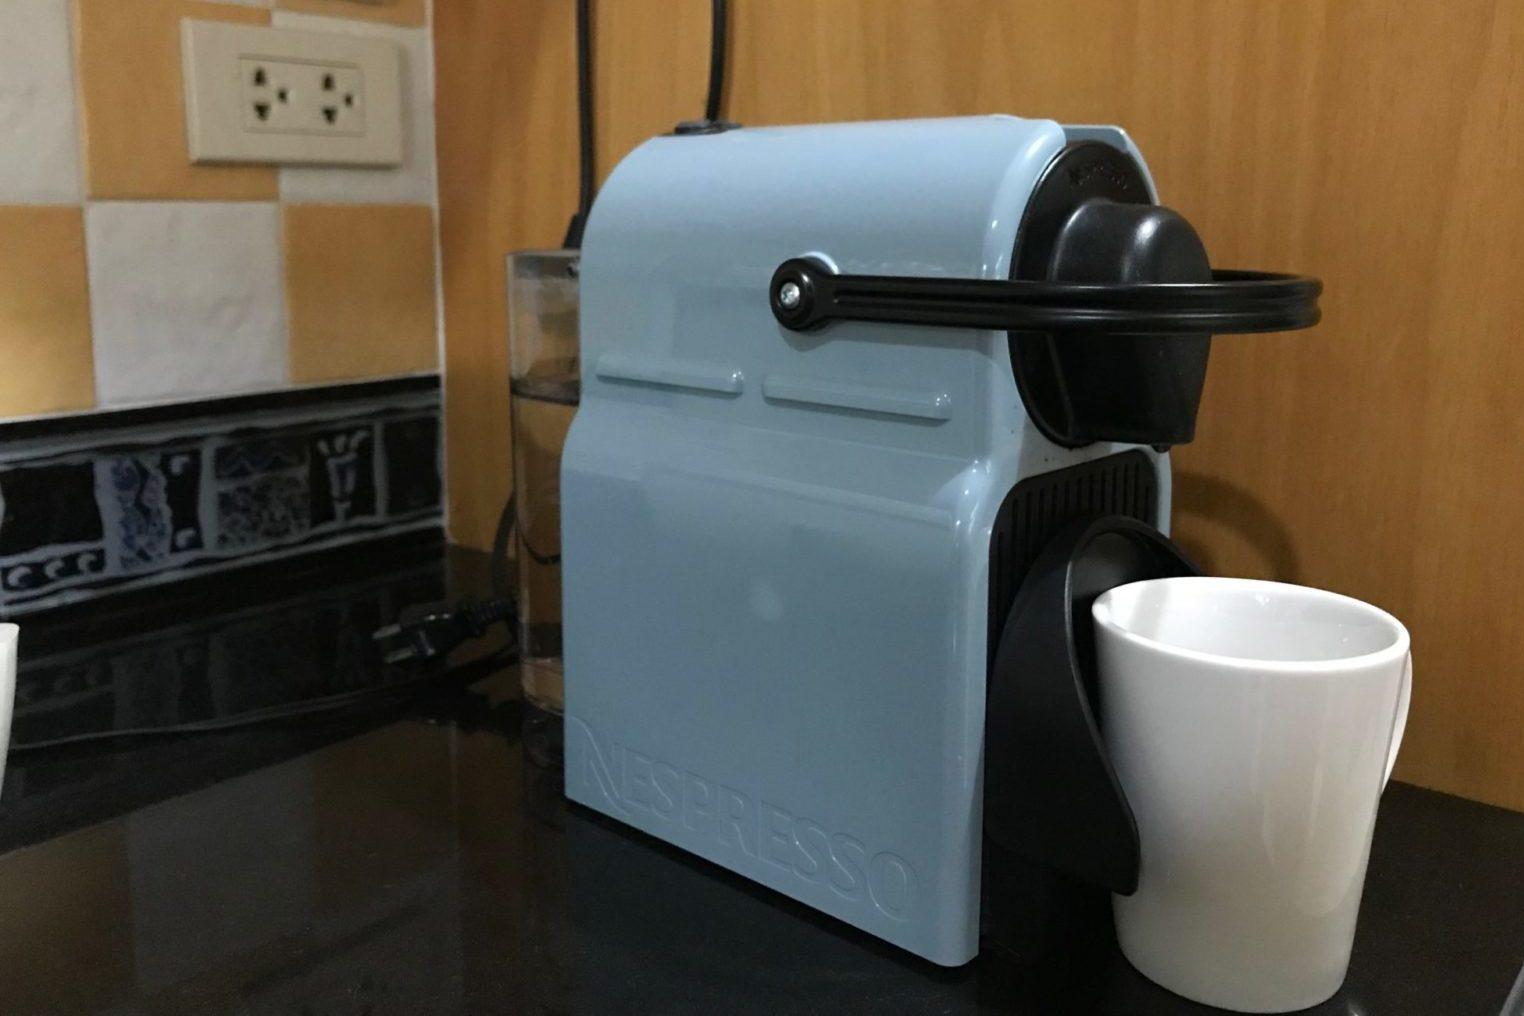 เครื่องชงกาแฟ Nespresso